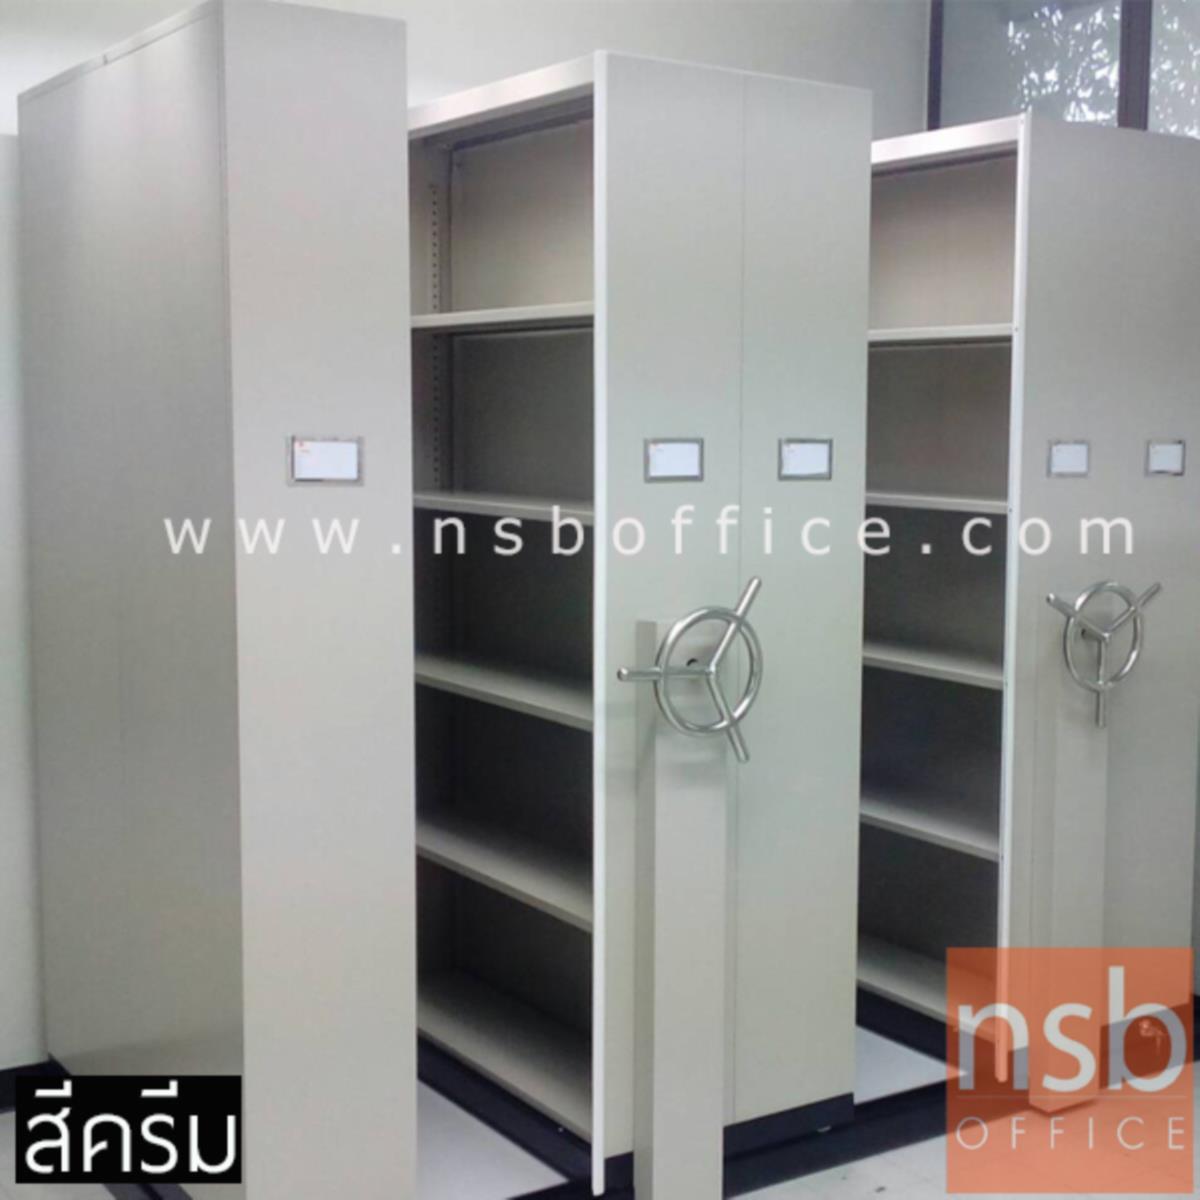 ตู้รางเลื่อนแบบพวงมาลัย รุ่น Standard 5, 7, 9 ตู้ TAIYO (มือหมุน)